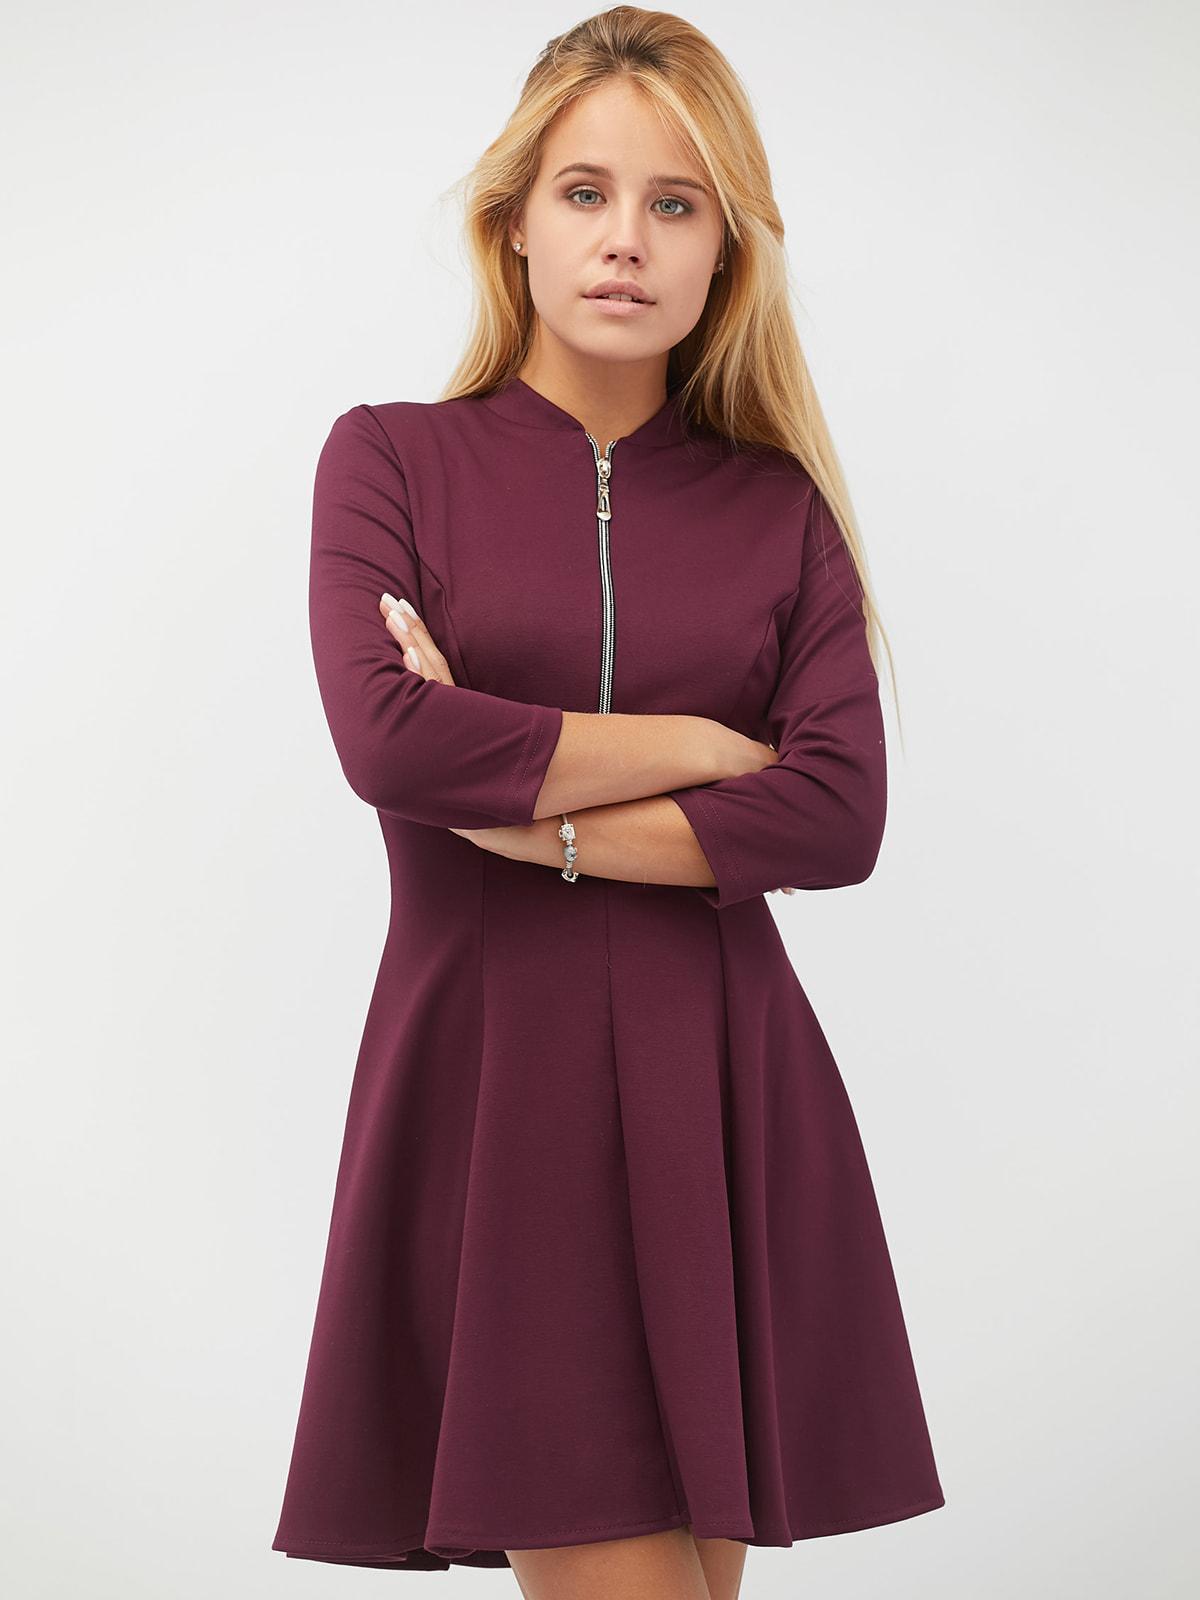 платья черничного цвета фото воланы рюши часто